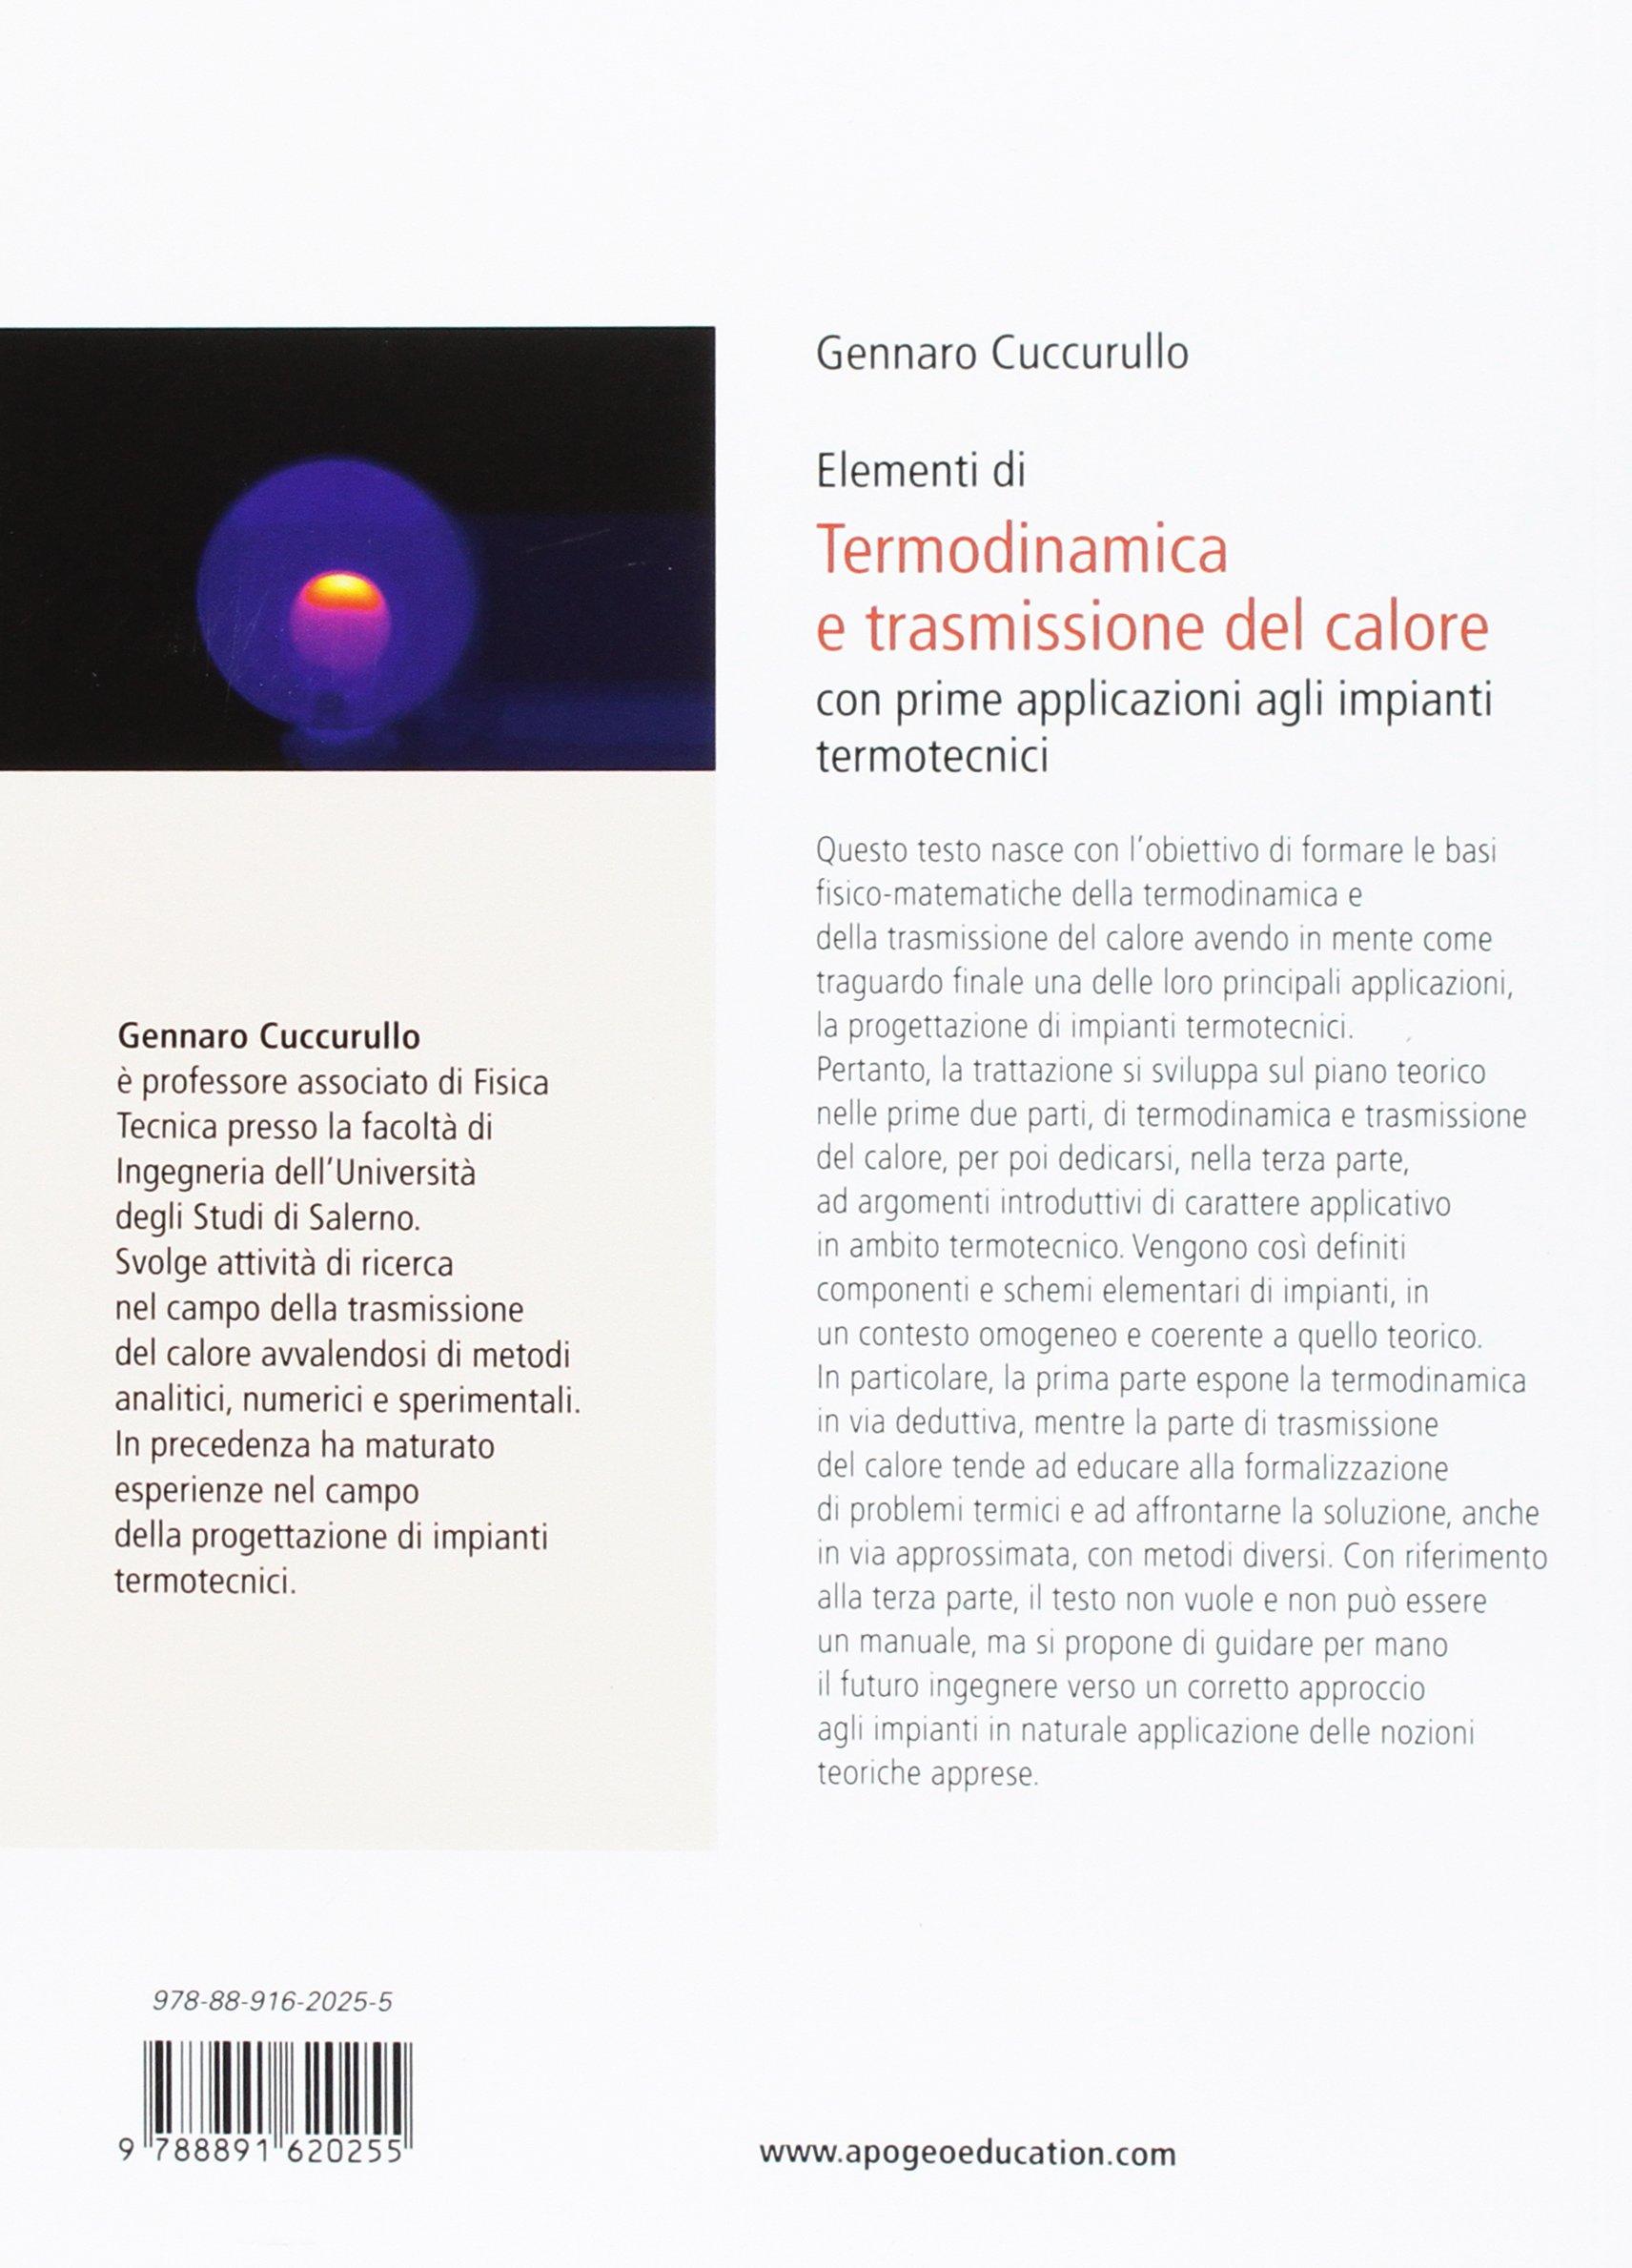 Amazon.it: Termodinamica e trasmissione del calore - Gennaro Cuccurullo -  Libri